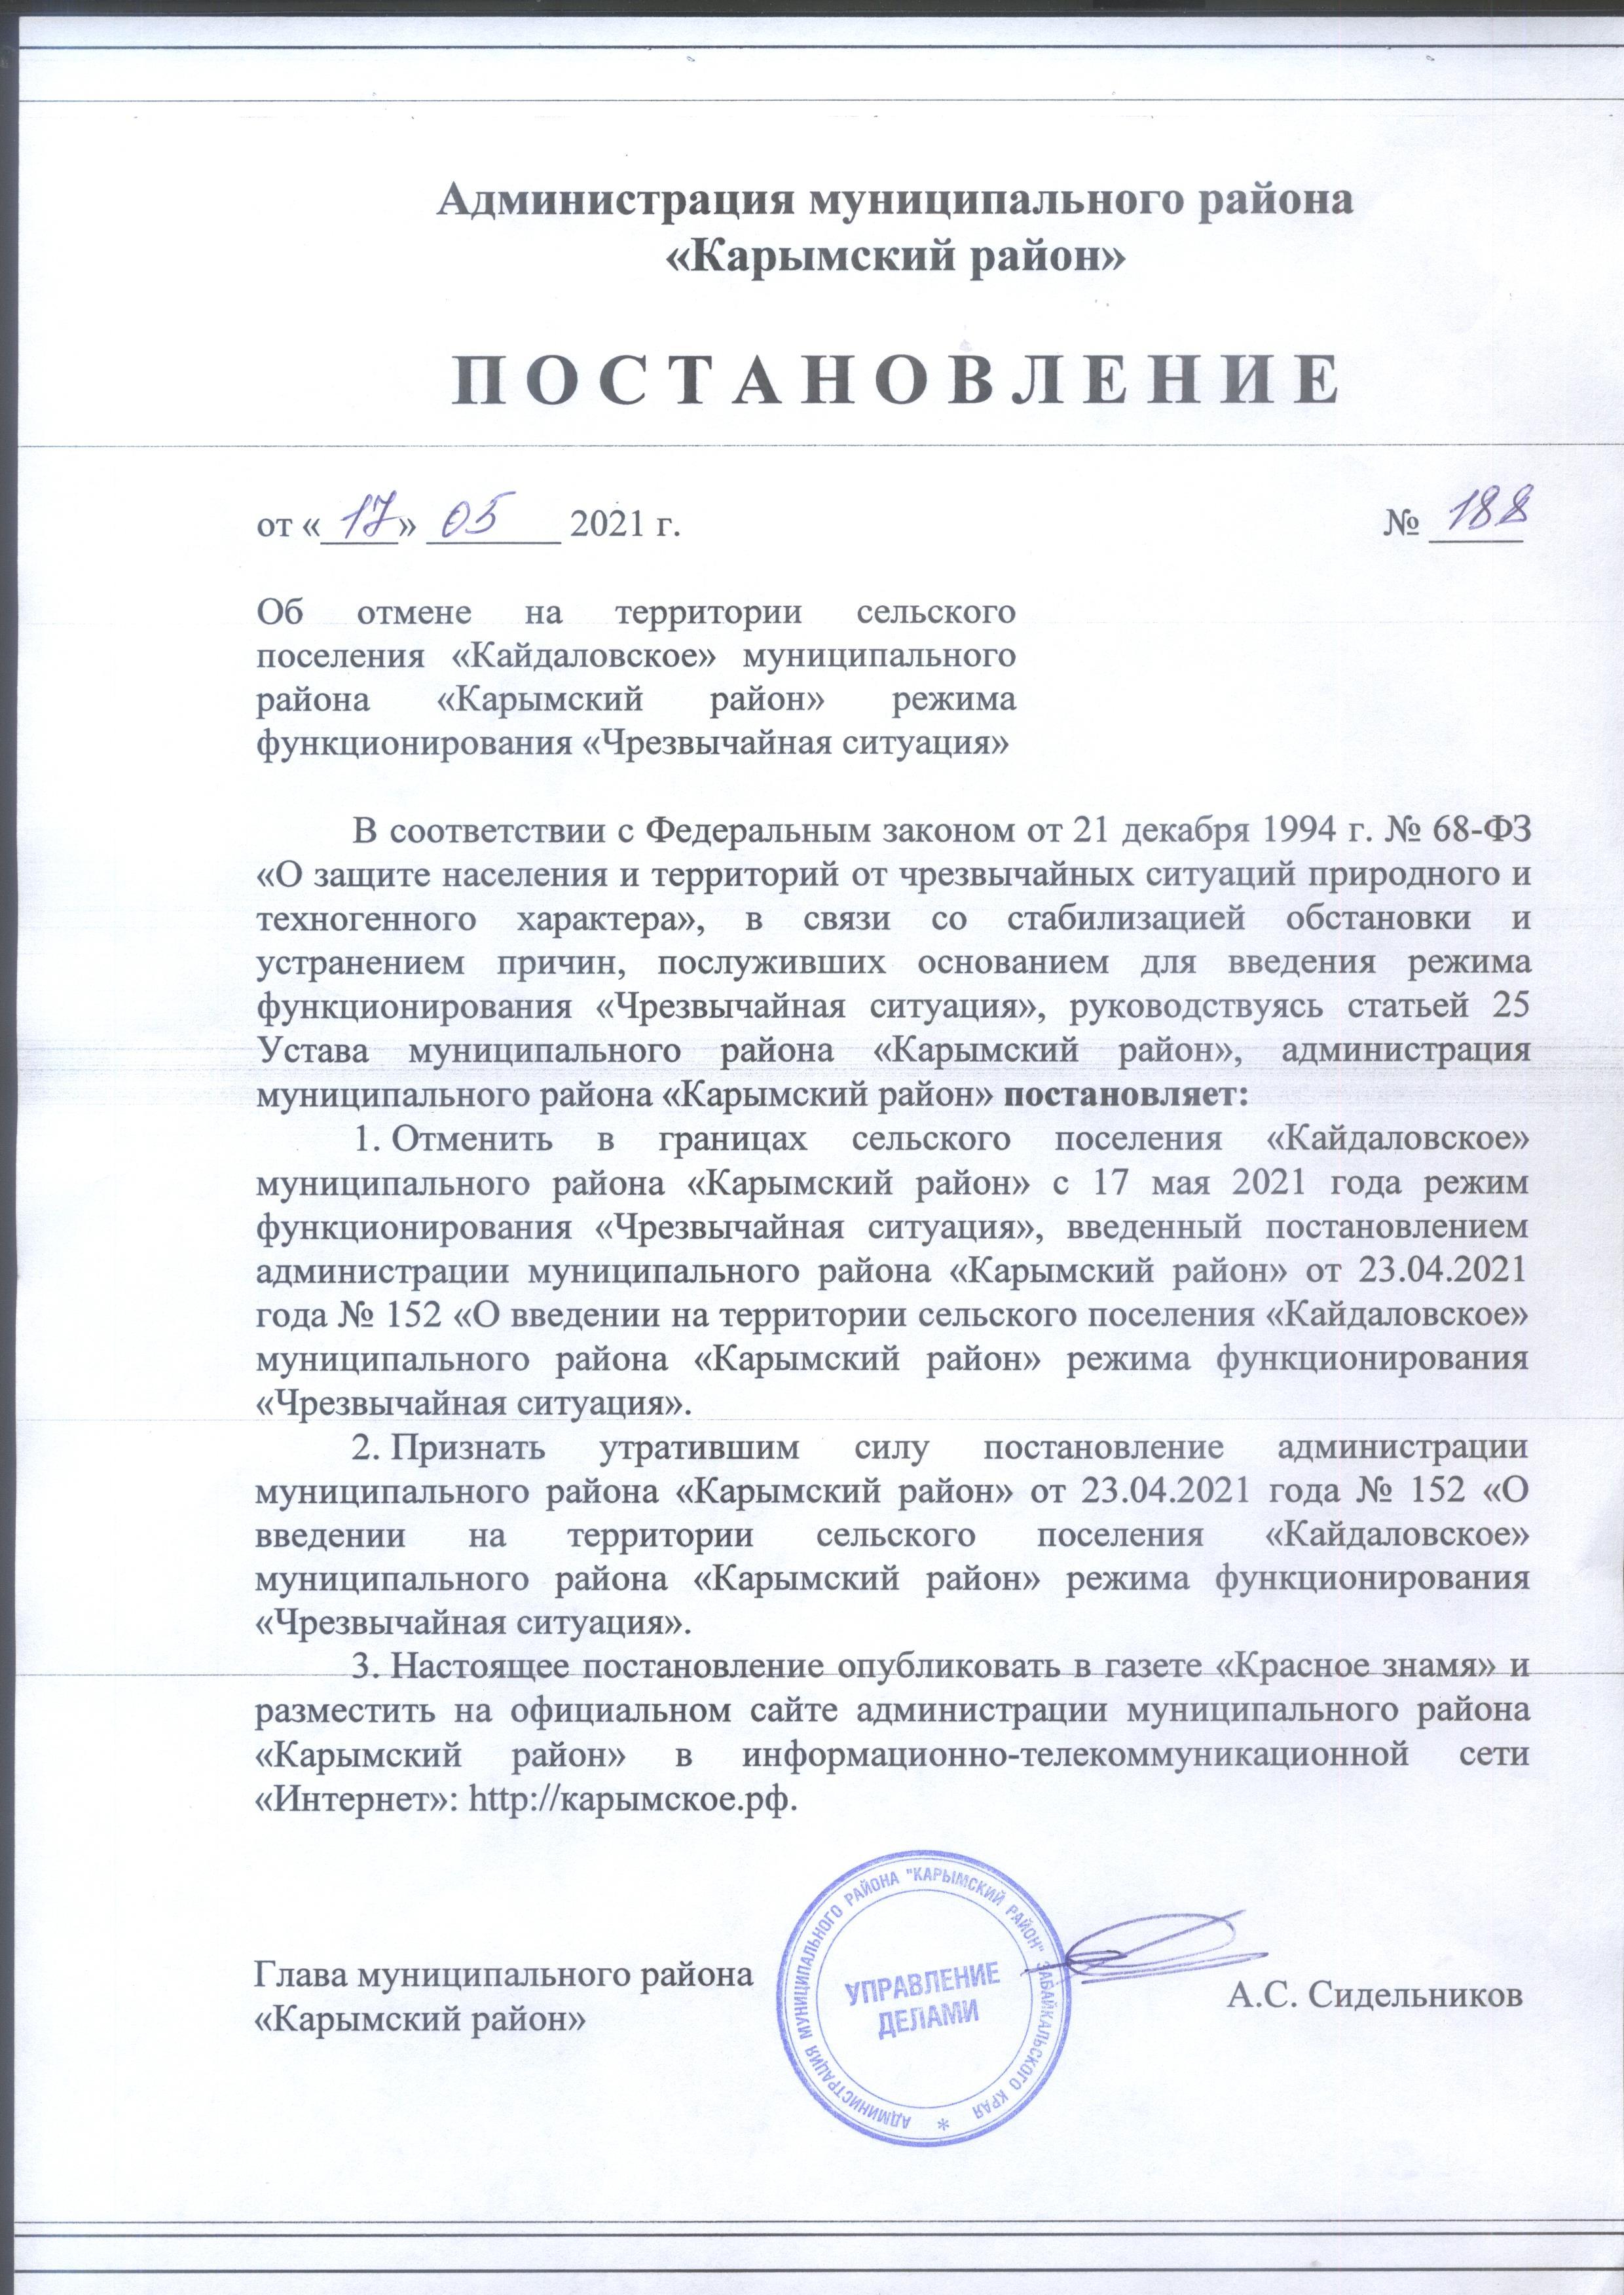 Постановление об отмене 188 от 17.05.2021